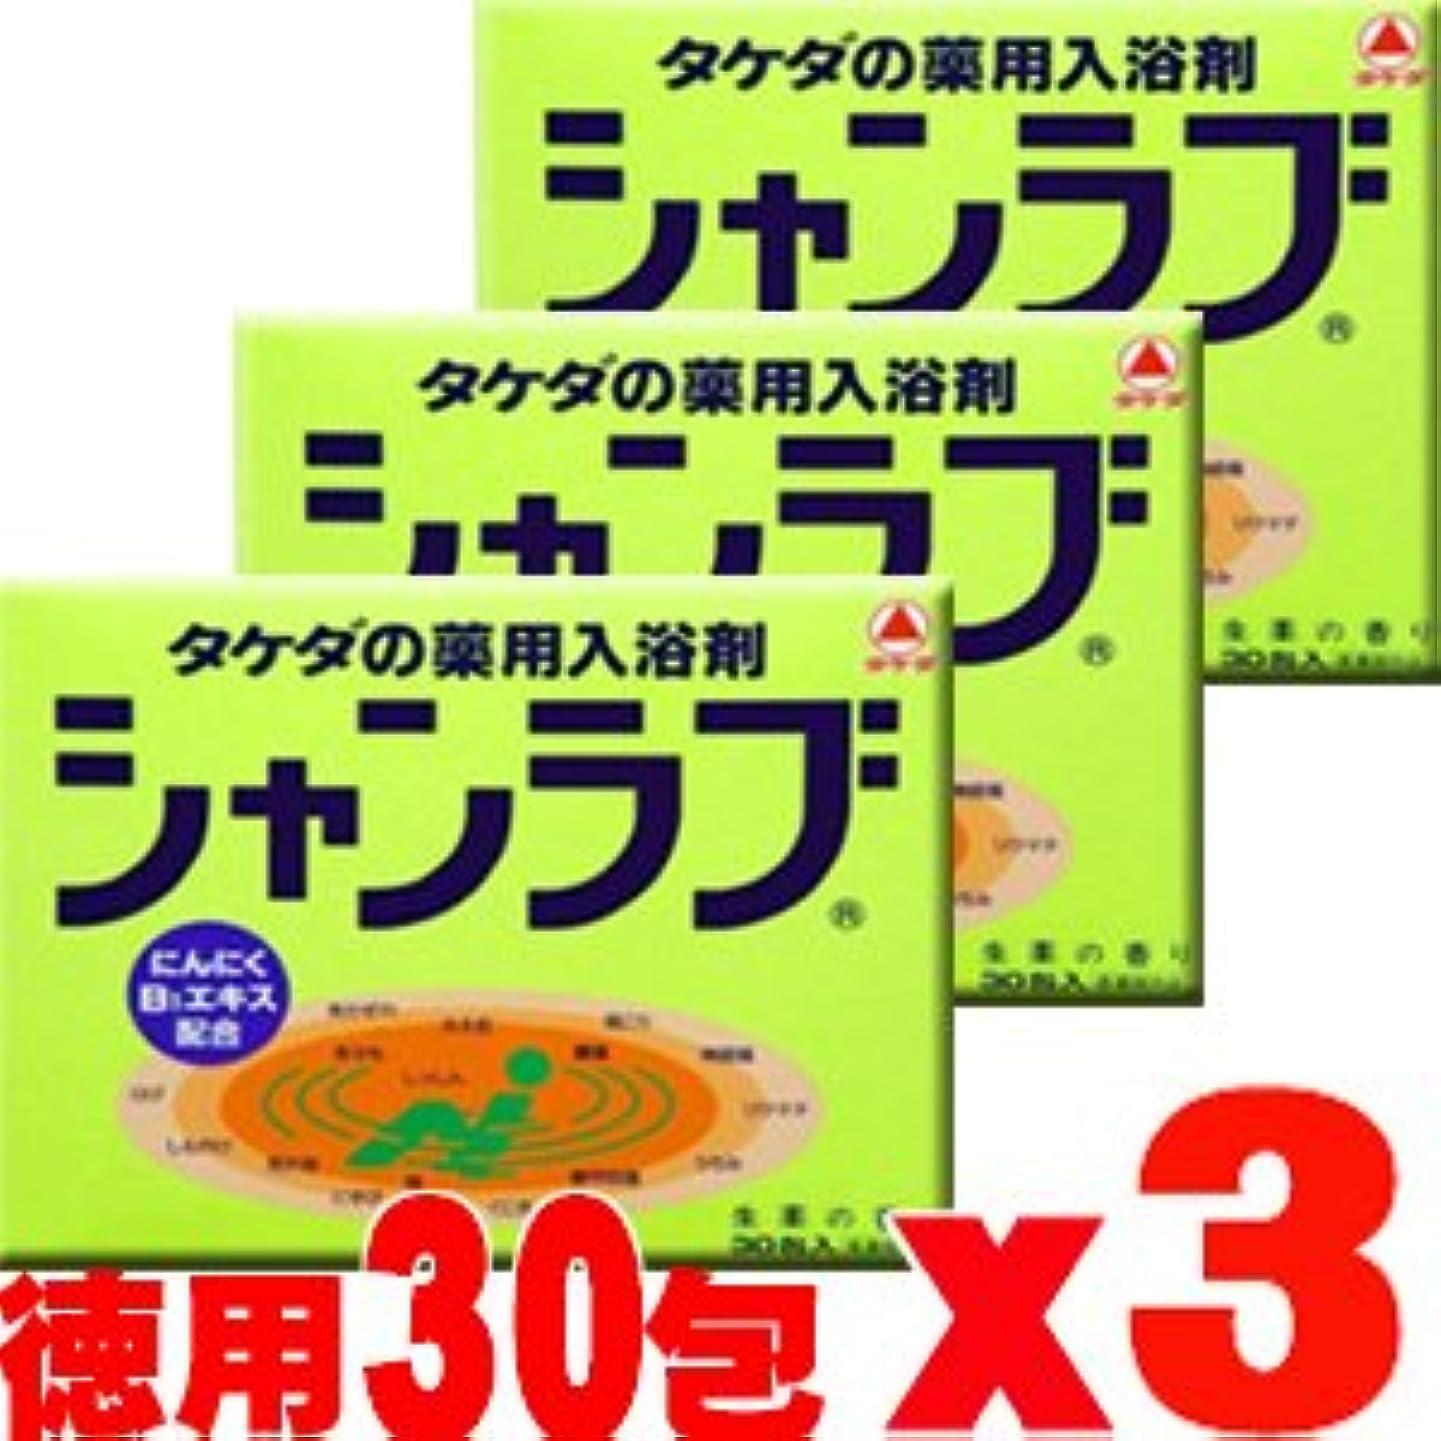 爆発物臨検凍結【3個】 シャンラブ 生薬の香り (30g×30包)x3個 (4987123129640)